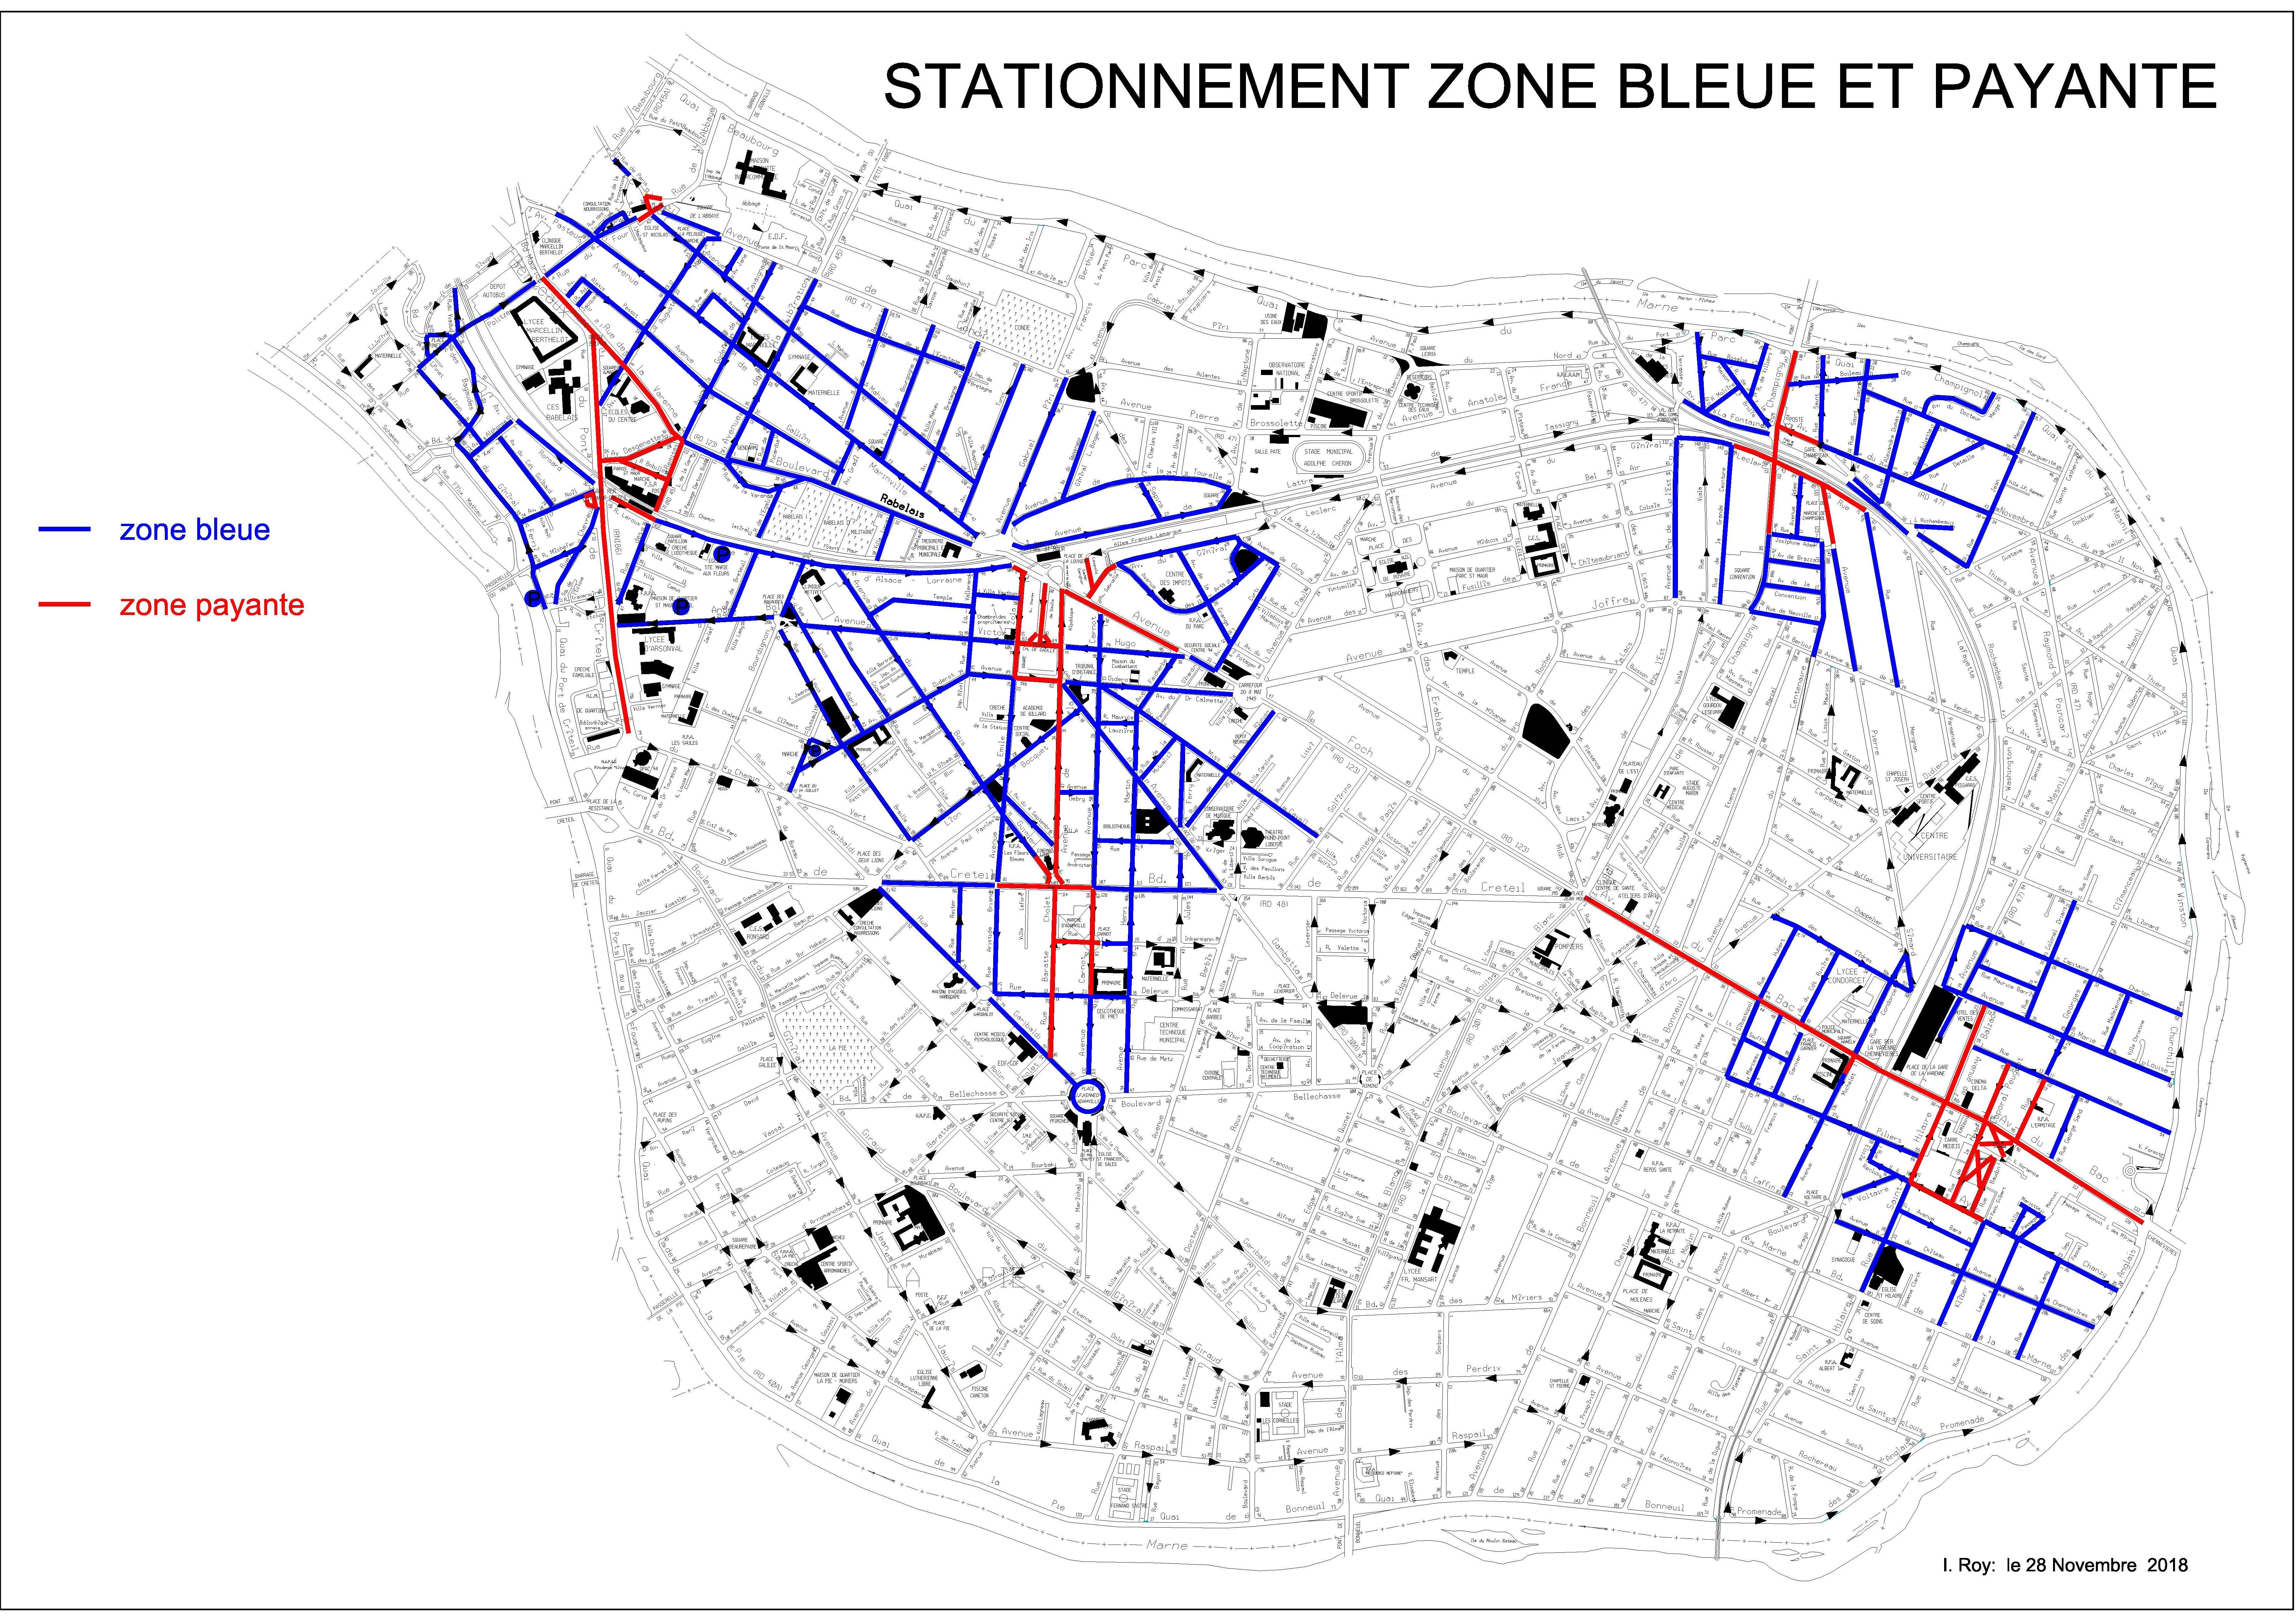 carte stationnement handicapé zone bleue Stationnement   Site officiel de Saint Maur